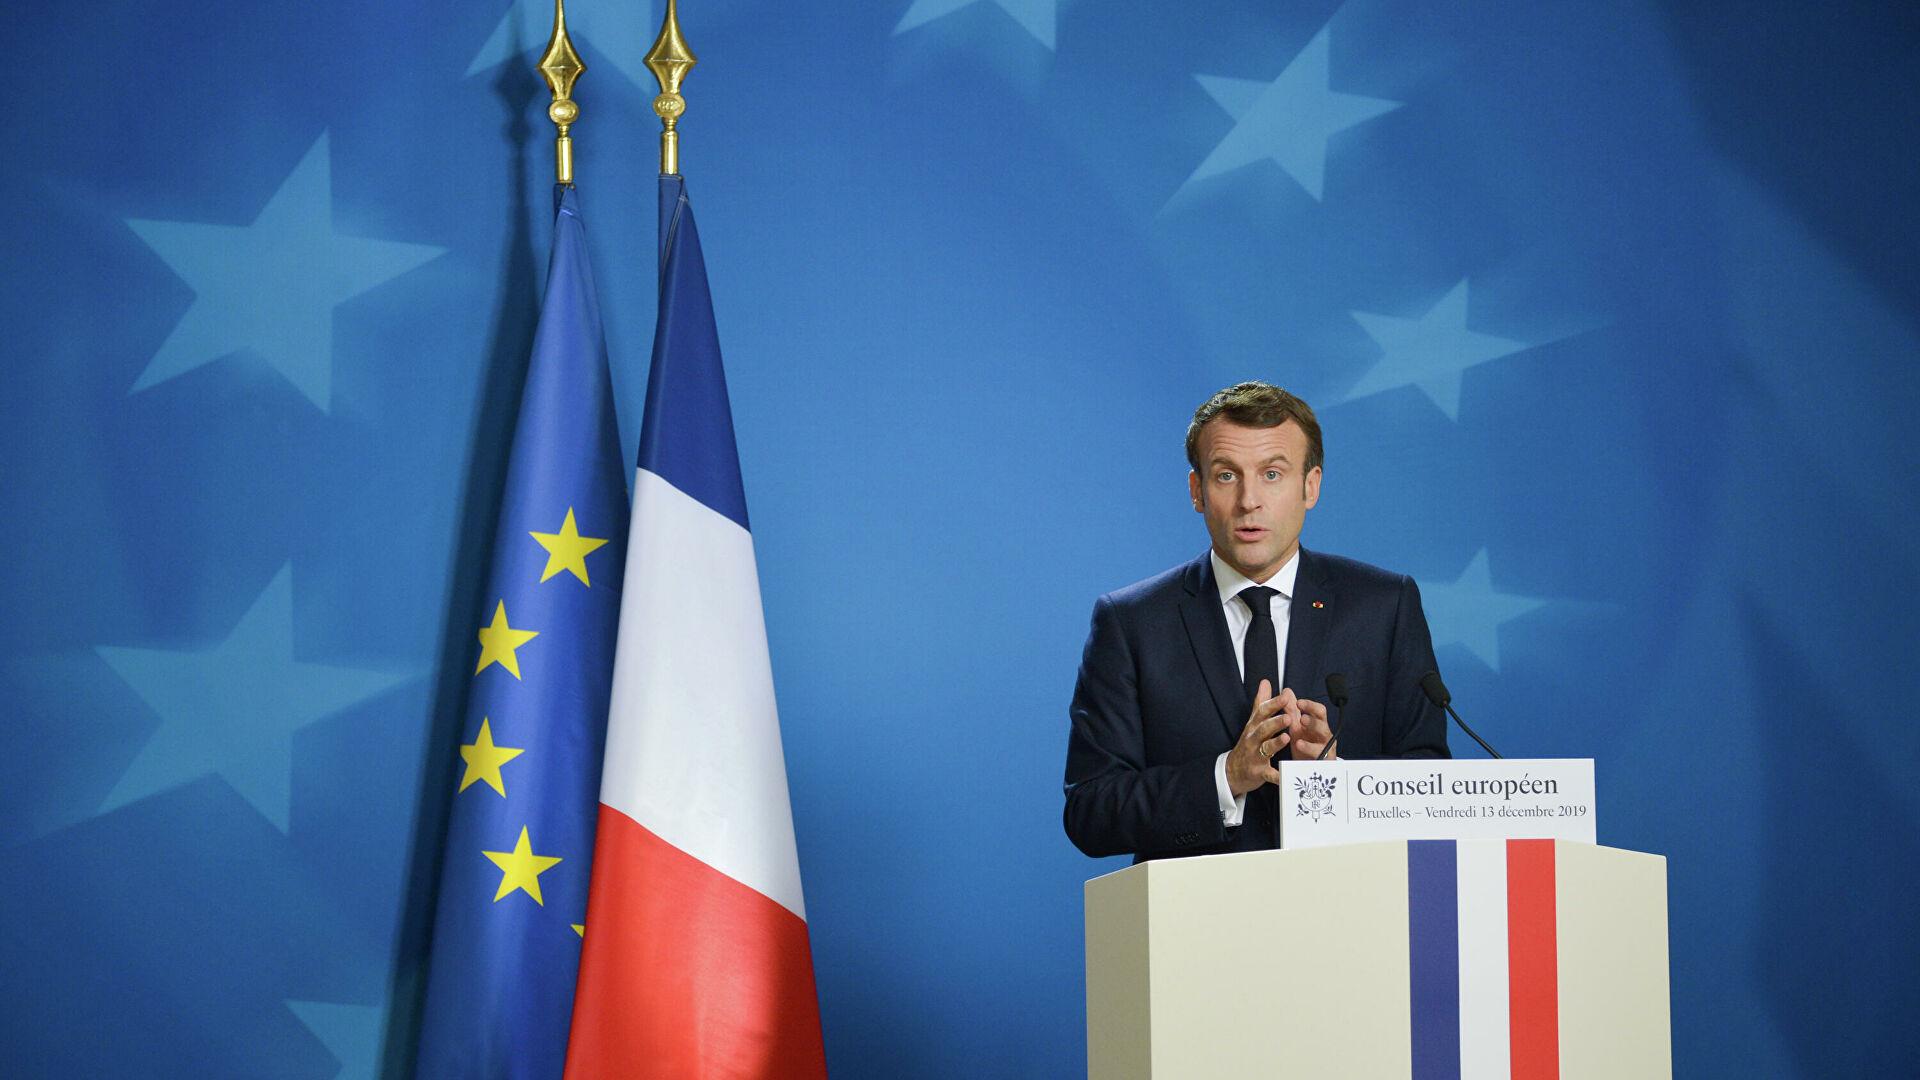 Макрон: ЕУ треба да изради заједничка правила о односима са Русијом